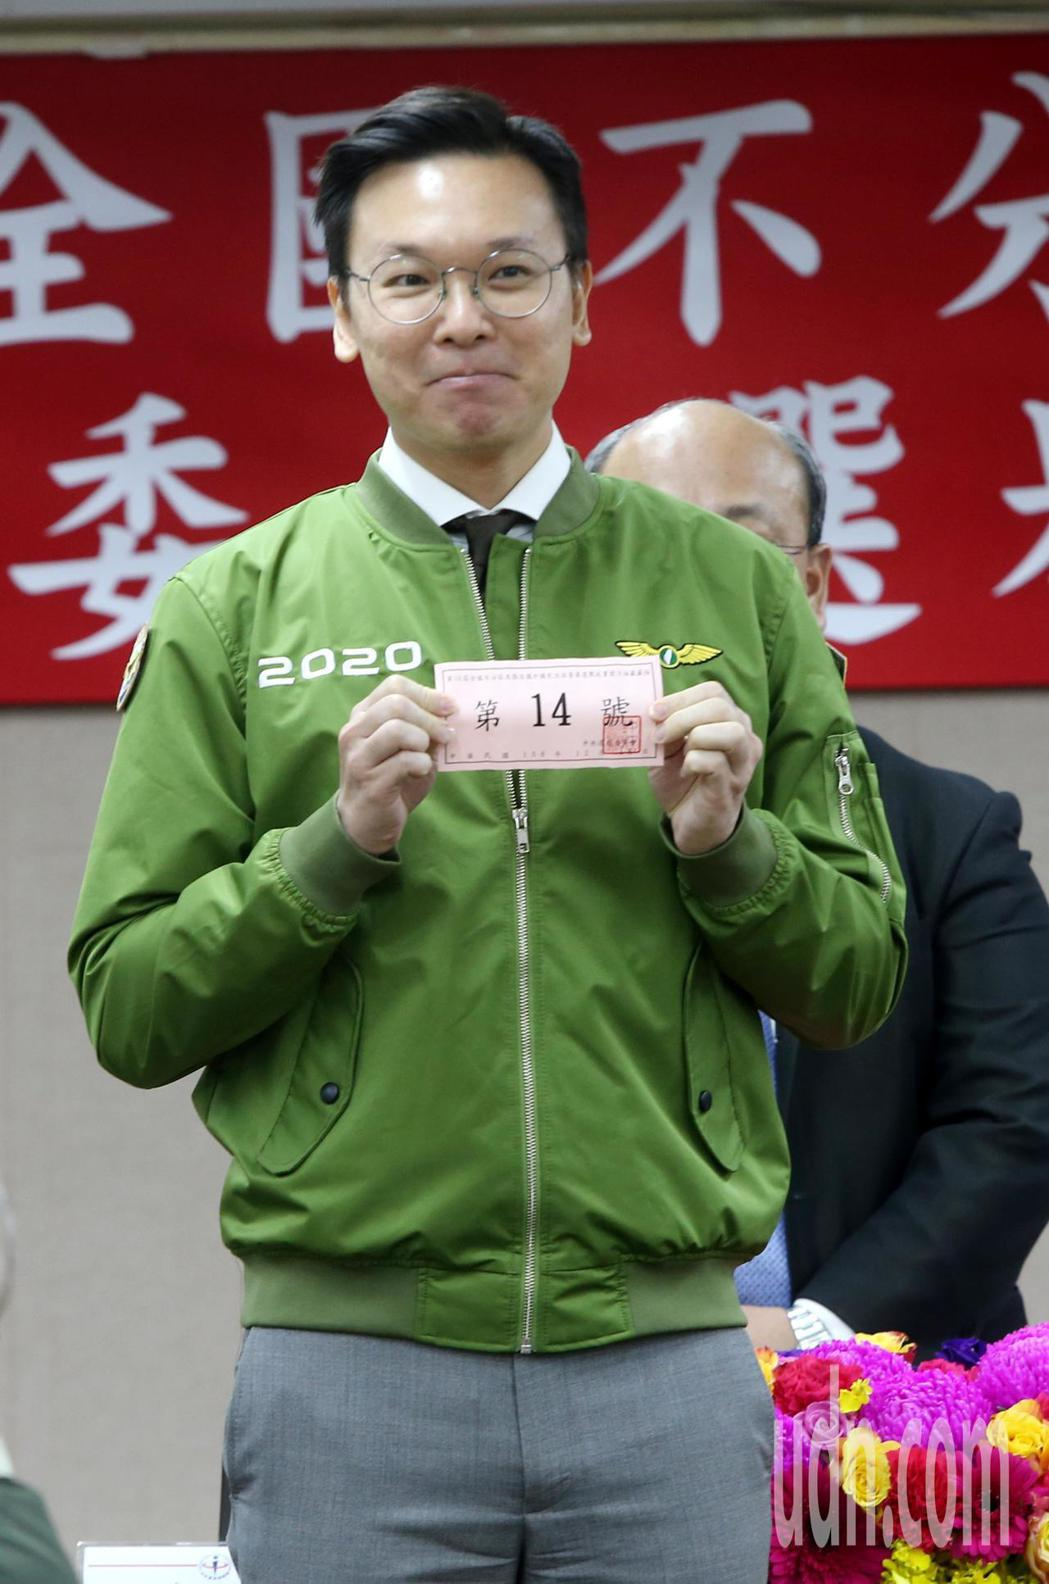 中選會上午進行政黨號次抽籤,民進黨副秘書長林飛帆抽出14號。記者邱德祥/攝影